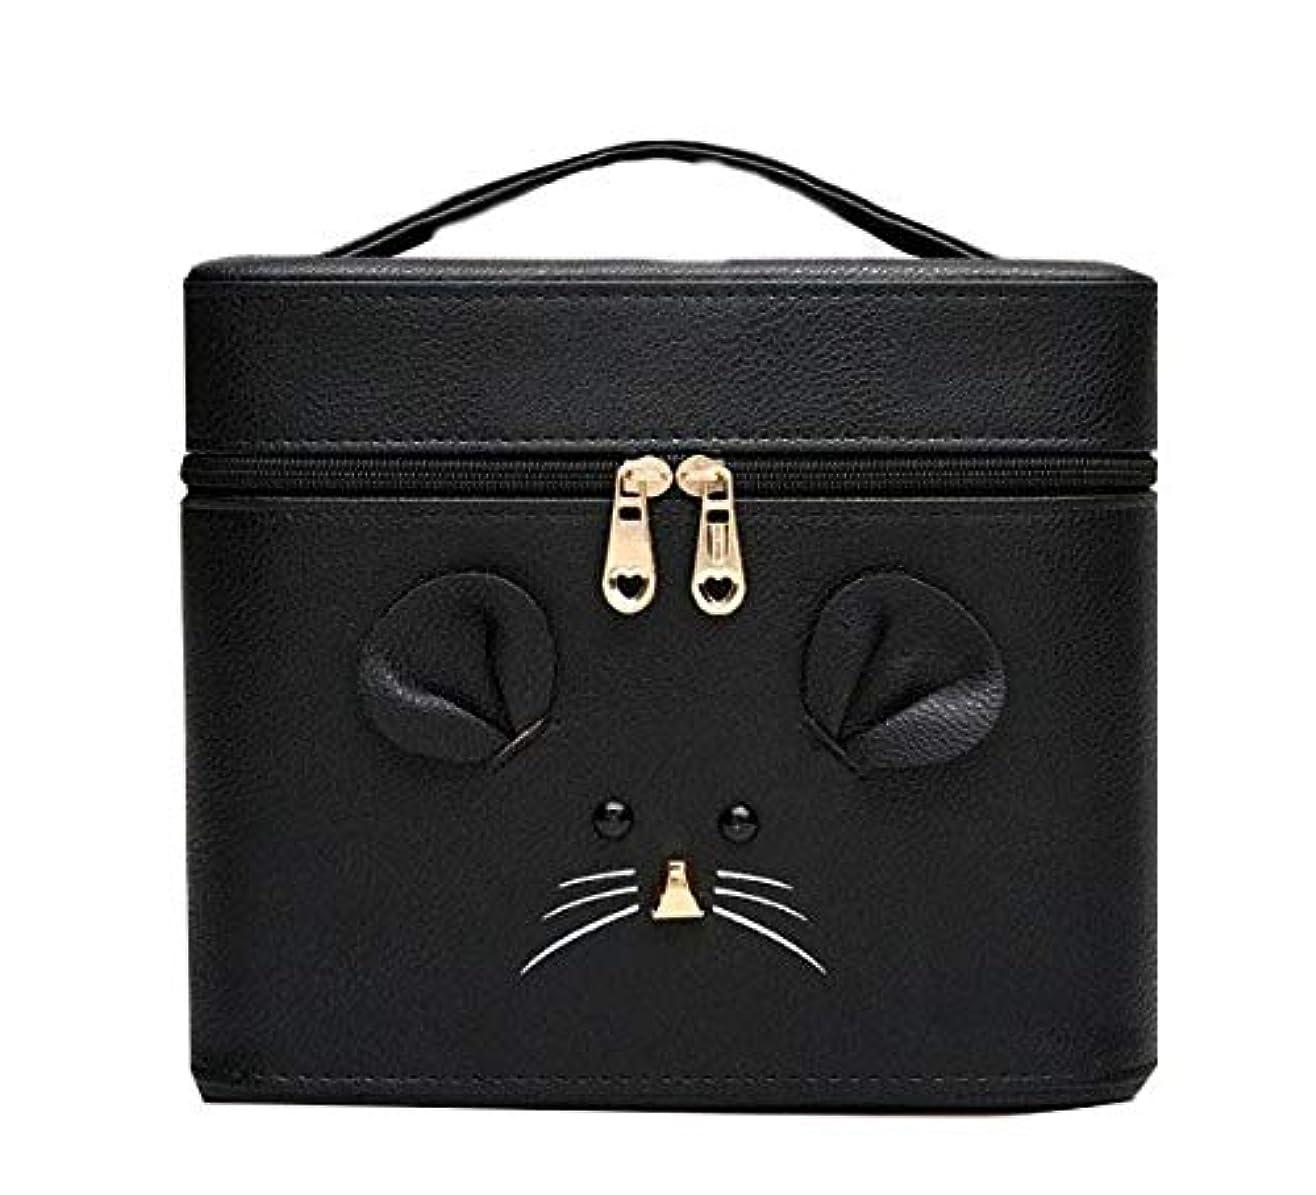 告発資金性差別化粧箱、黒漫画のマウス化粧ケース、ポータブル旅行化粧品ケース、美容ネイルジュエリー収納ボックス (Size : S)